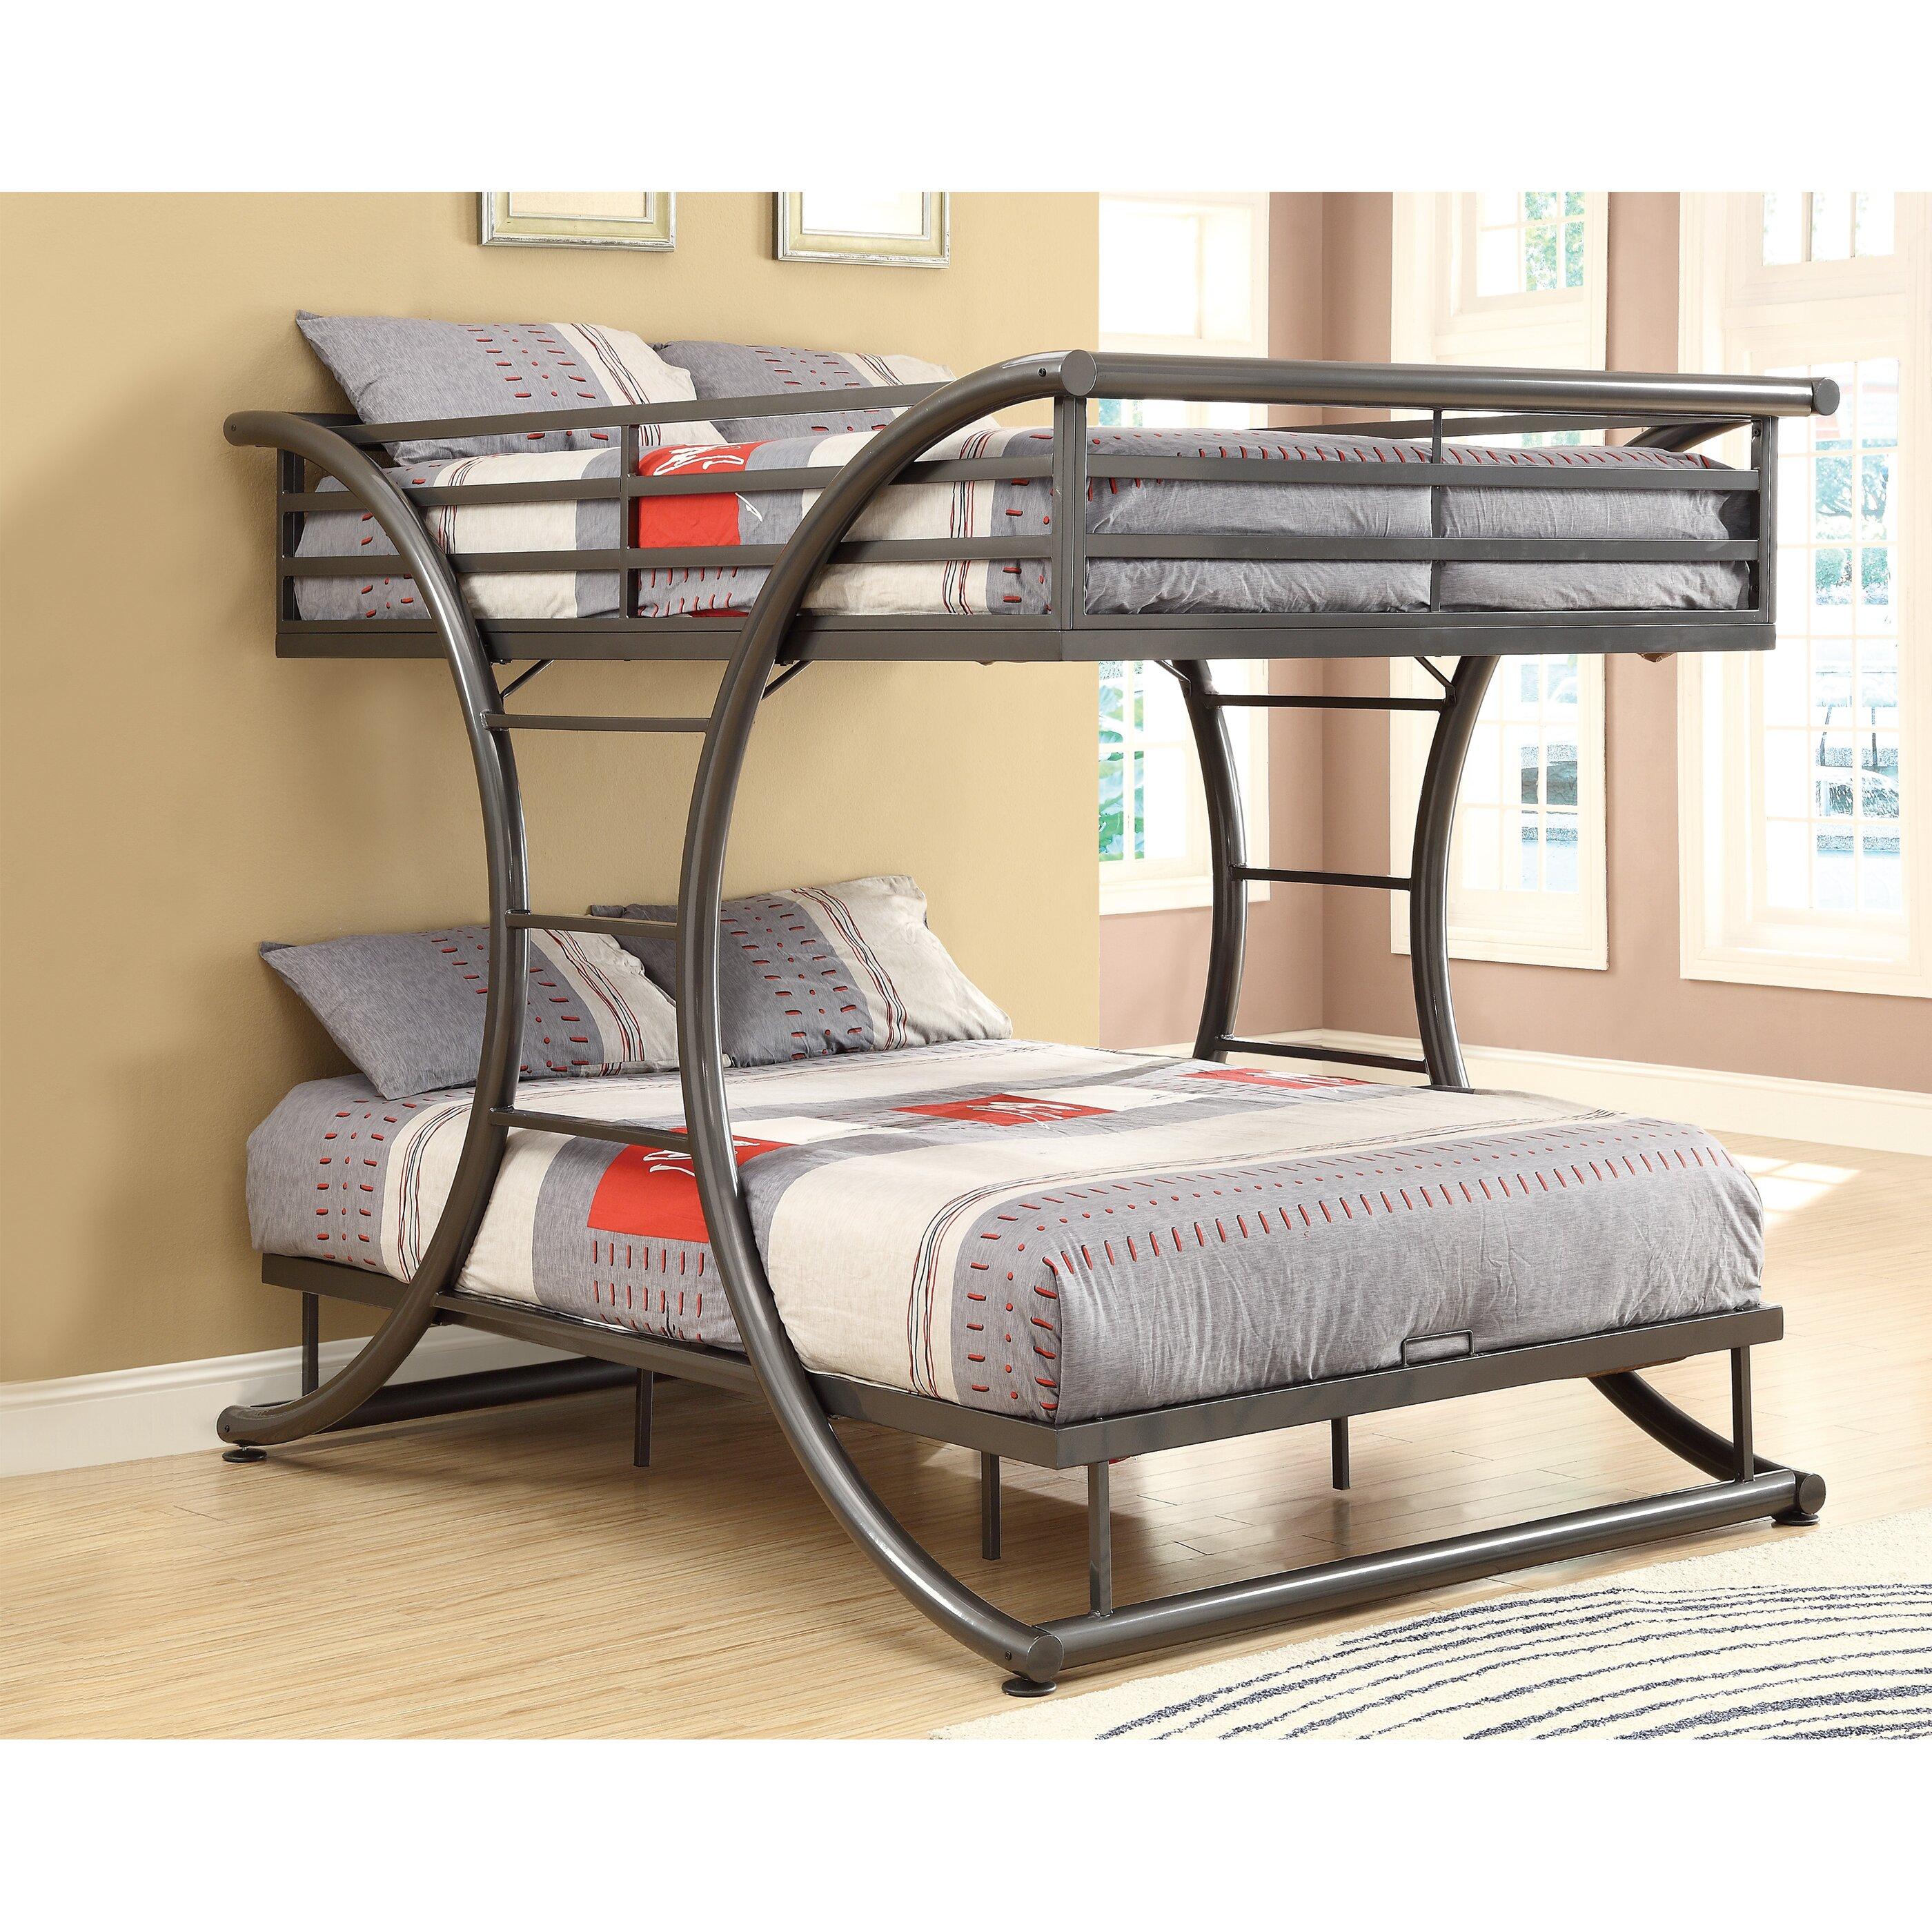 Loft bed for full size mattress - Valerie Full Over Full Bunk Bed